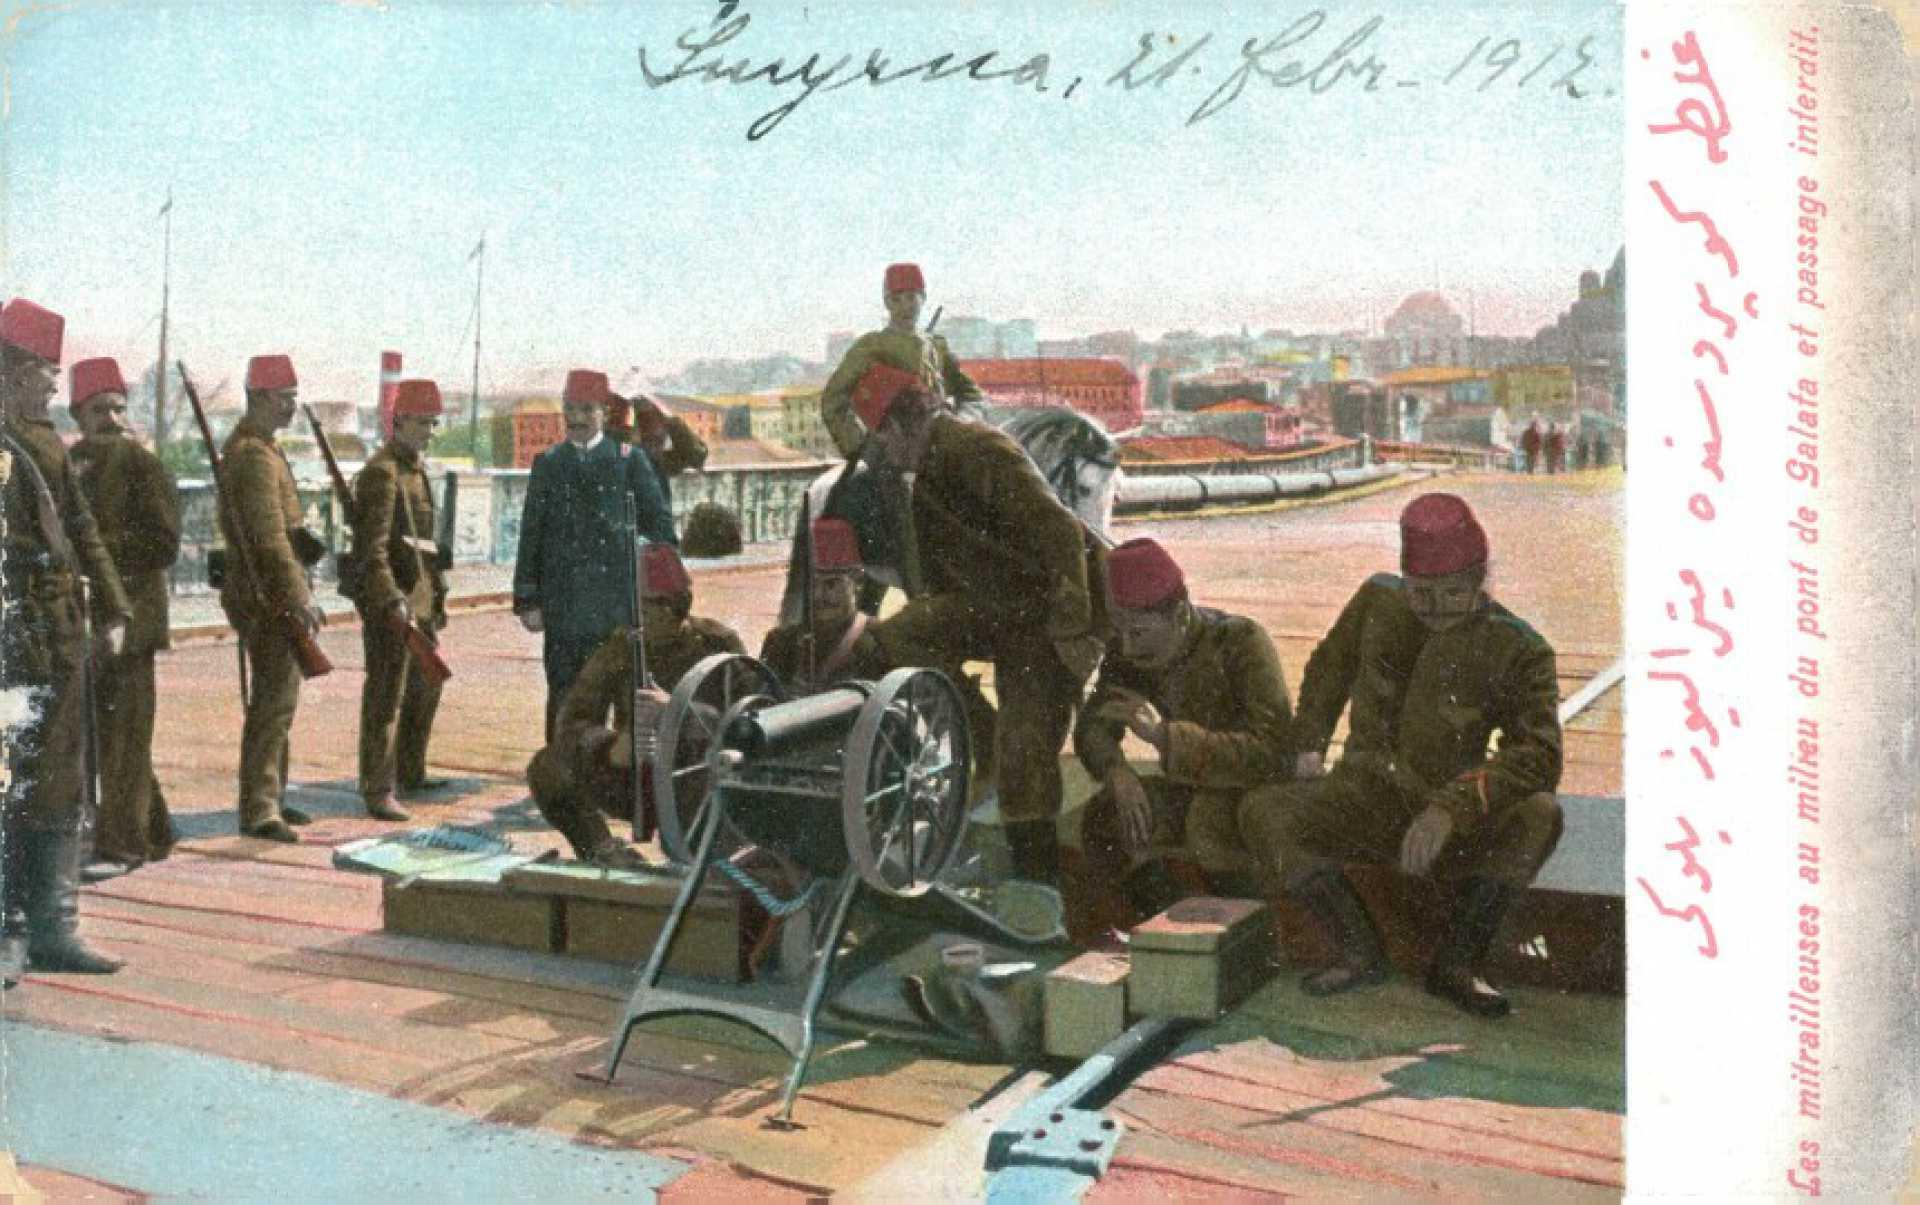 Les mitrailleuses au milreu du pont Galata et passage interdit